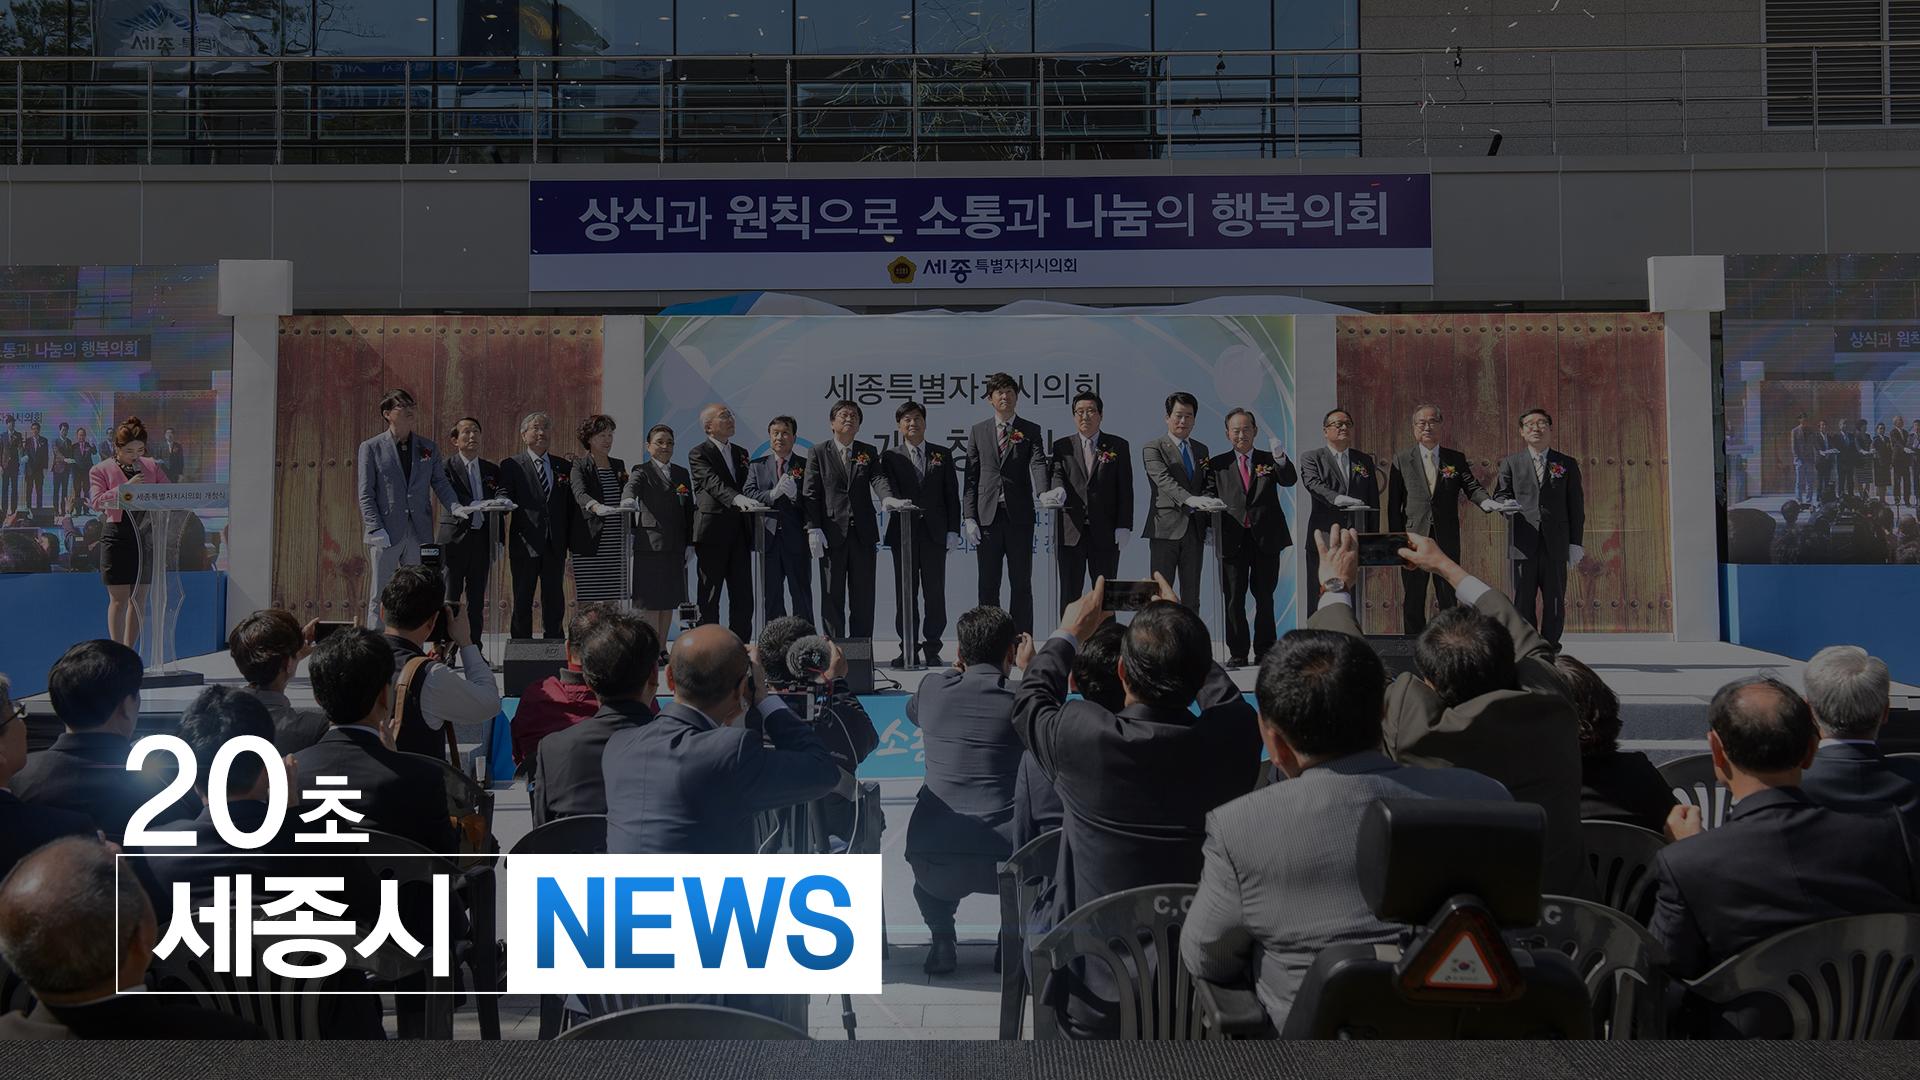 <20초뉴스> 세종시의회, 보람동 새청사 12일 개청